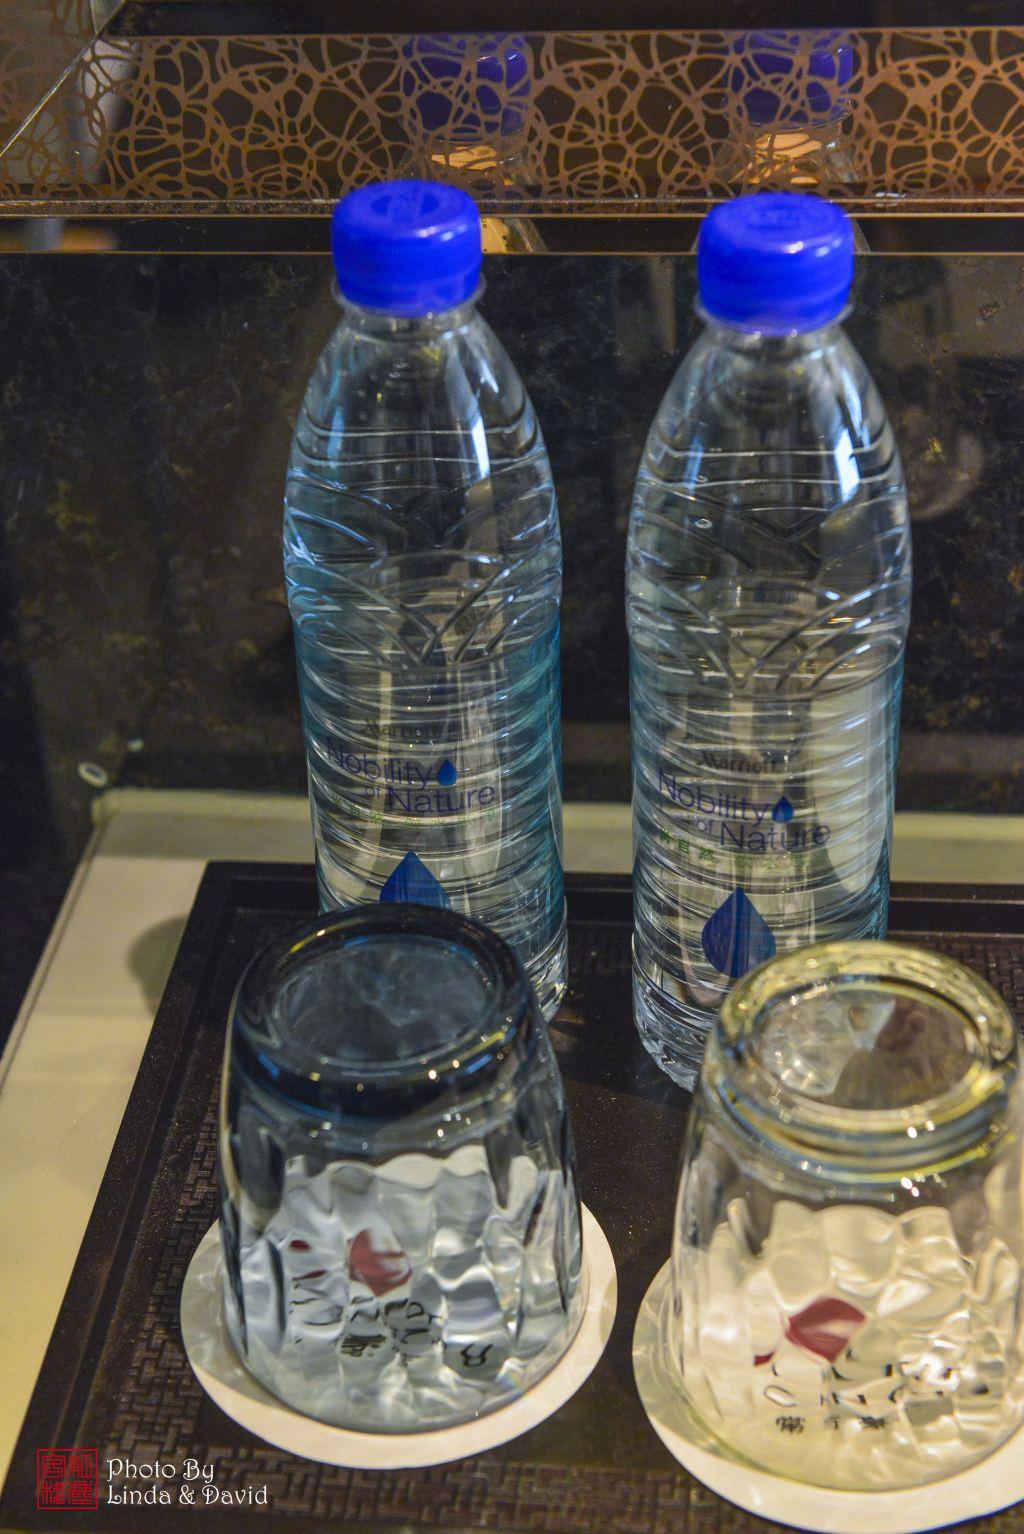 常州万豪酒店客房配送的矿泉水